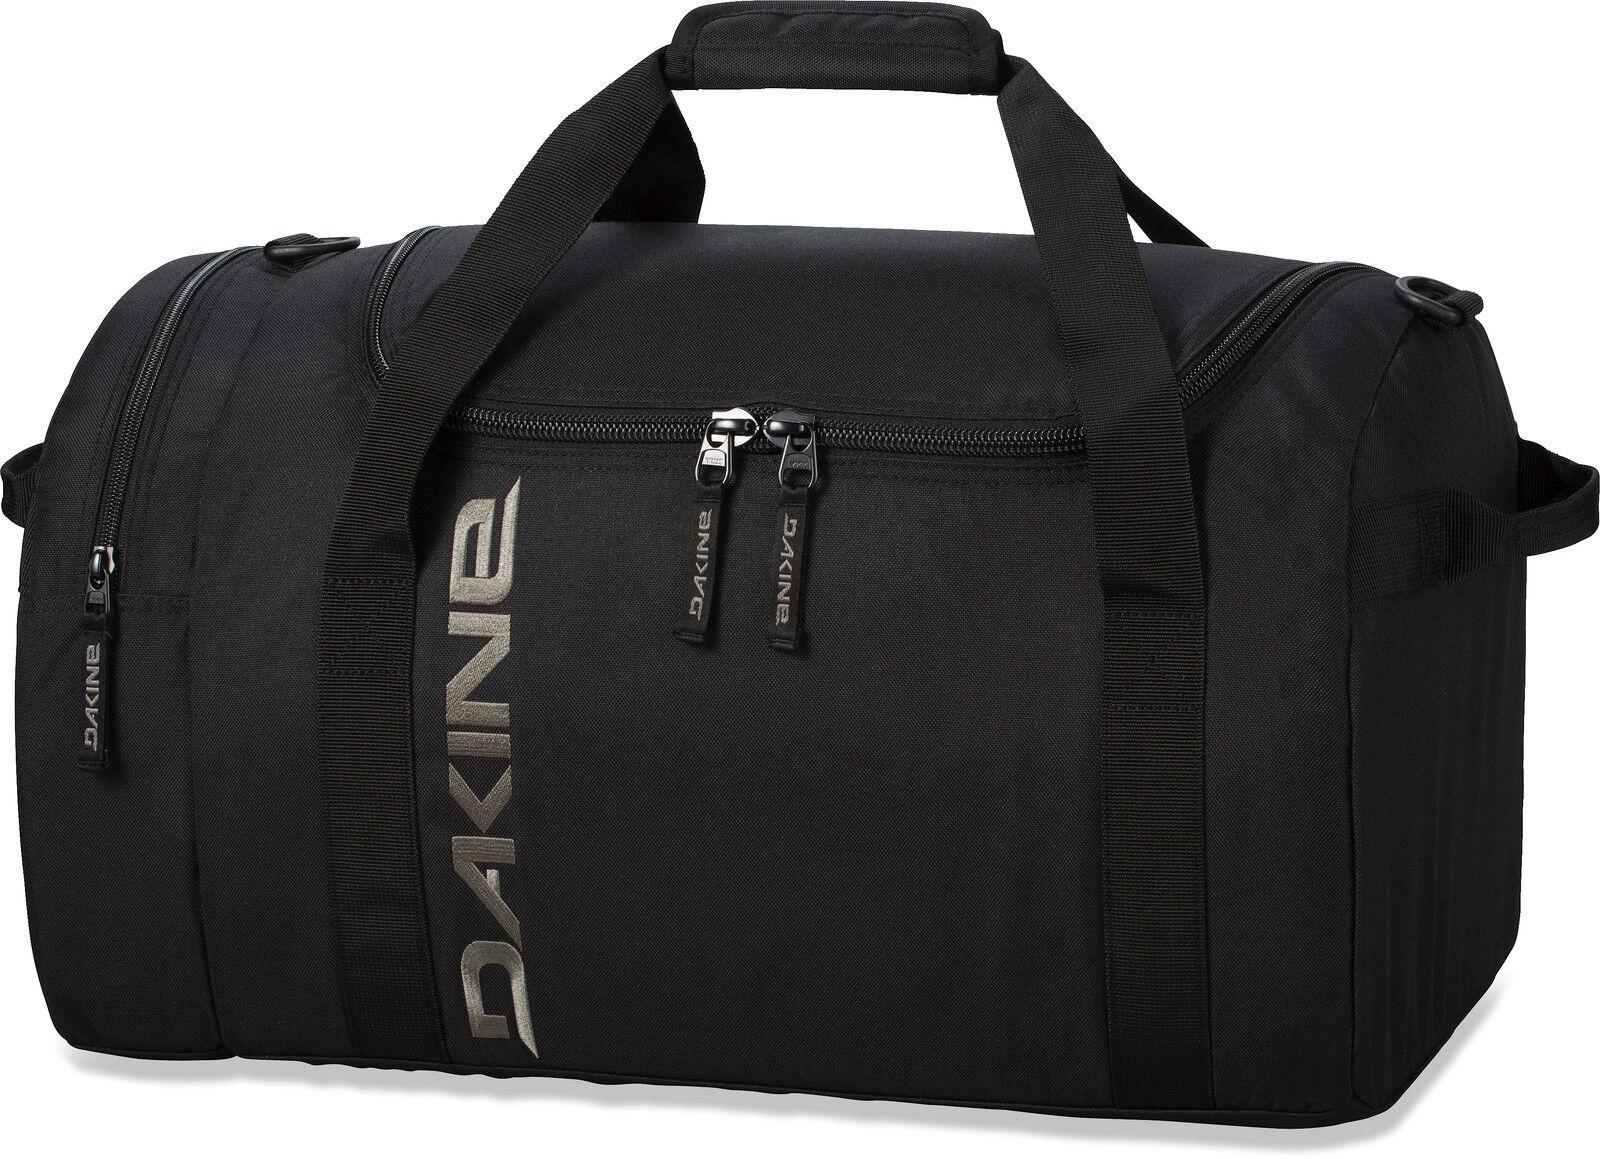 DAKINE Sporttasche Reisetasche Tasche Wochenendtasche Tasche Reisetasche EQ BAG SM 31l Fitness NEU fdbf59